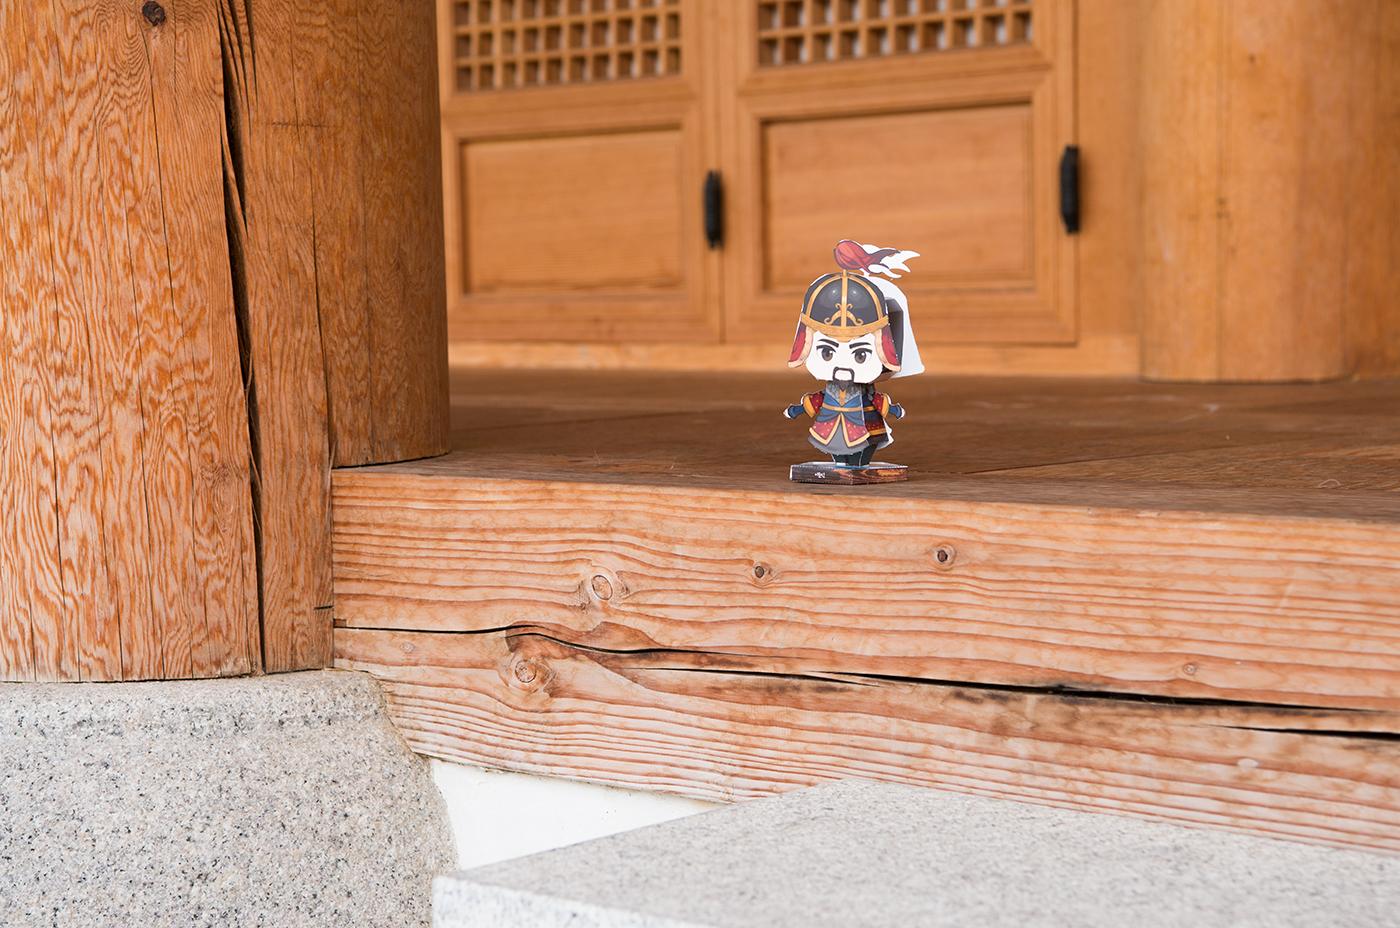 역사 속 위인과 함께하는 마법 페이퍼 토이/역사 위인이 살아 움직이는 재미있는 페이퍼 장난감 상세이미지2